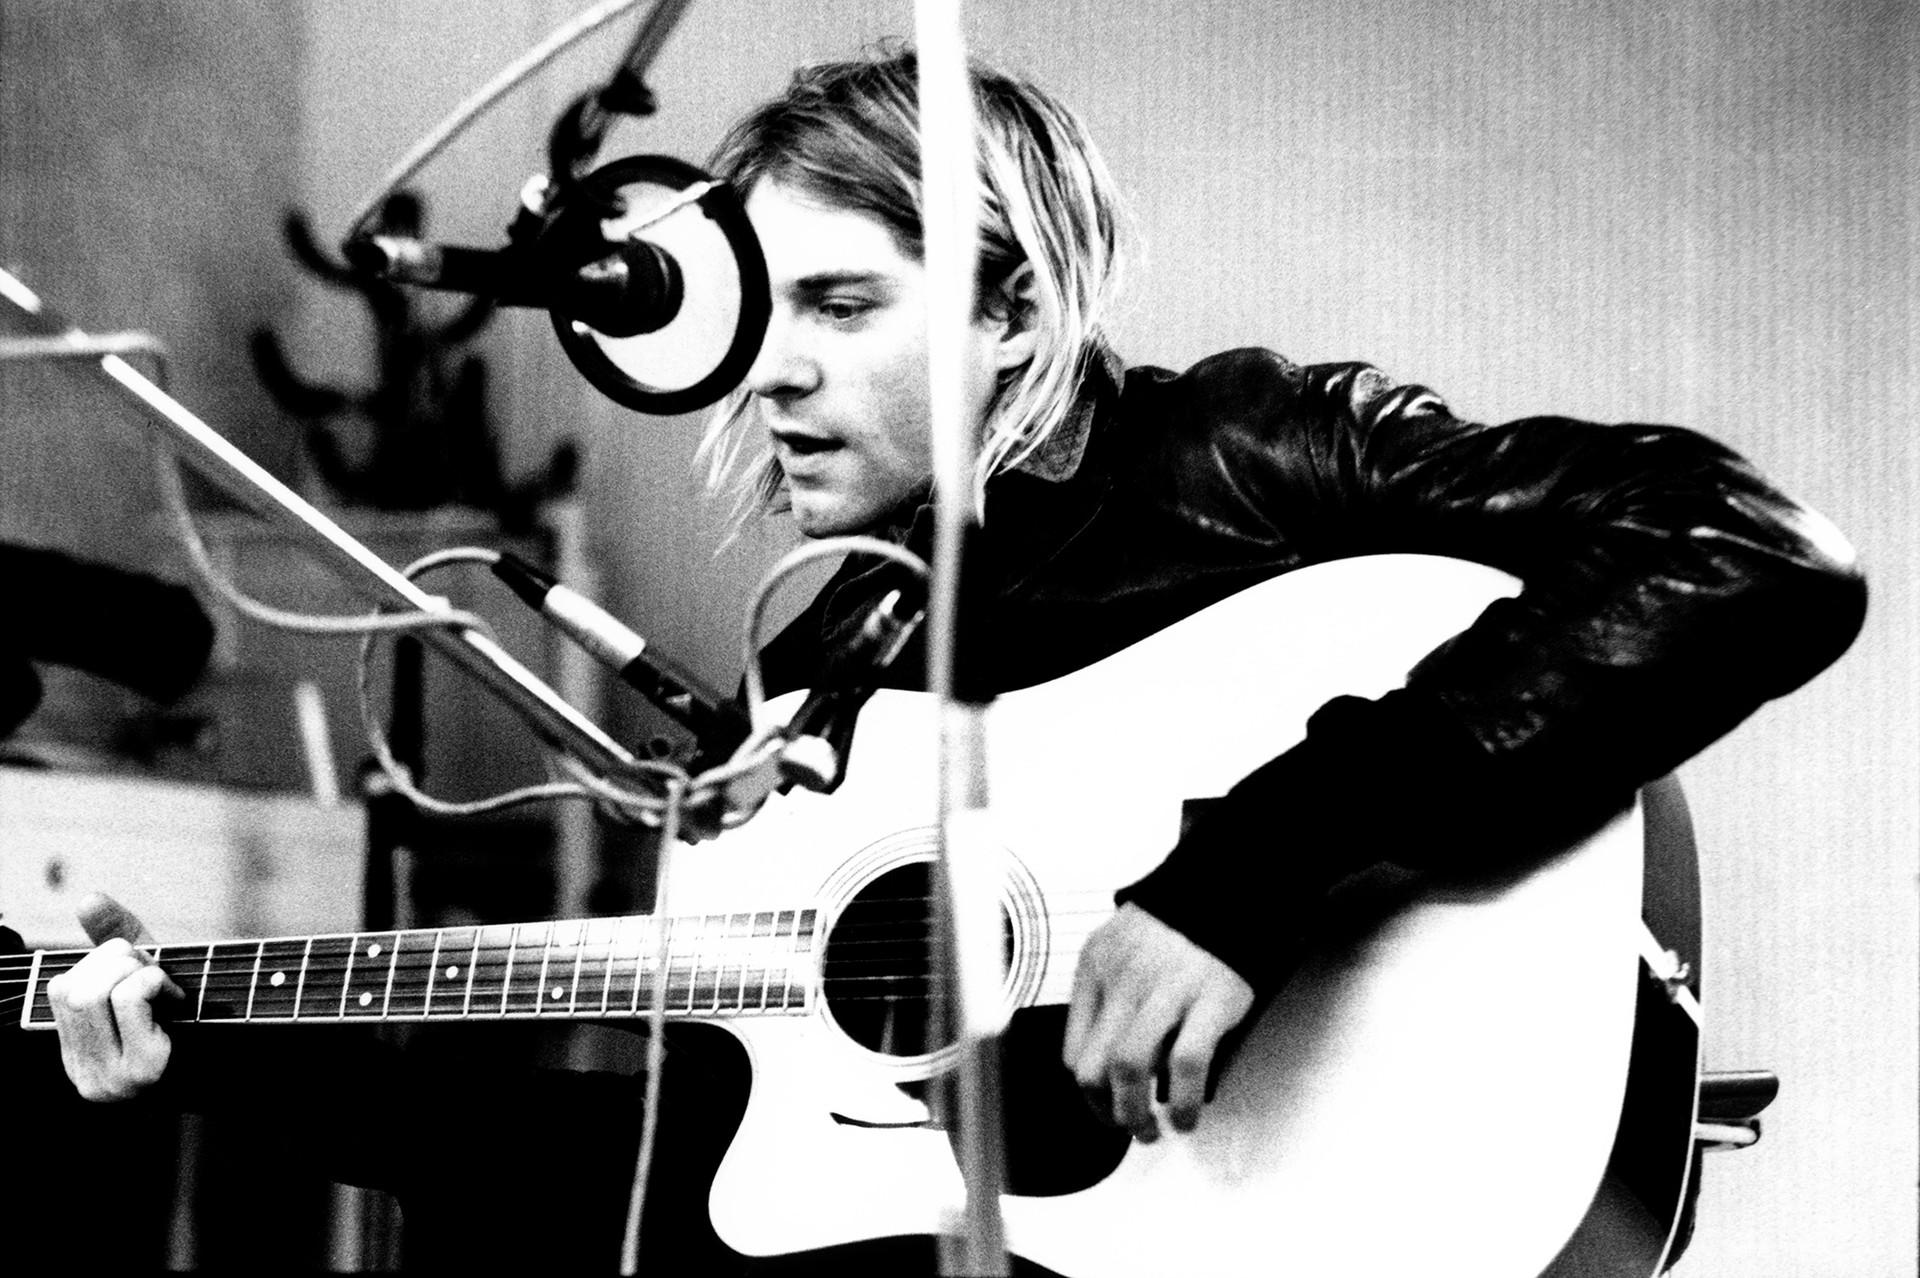 Курт Кобейн от Nirvana (микрофонът на снимката не е произведен от завода